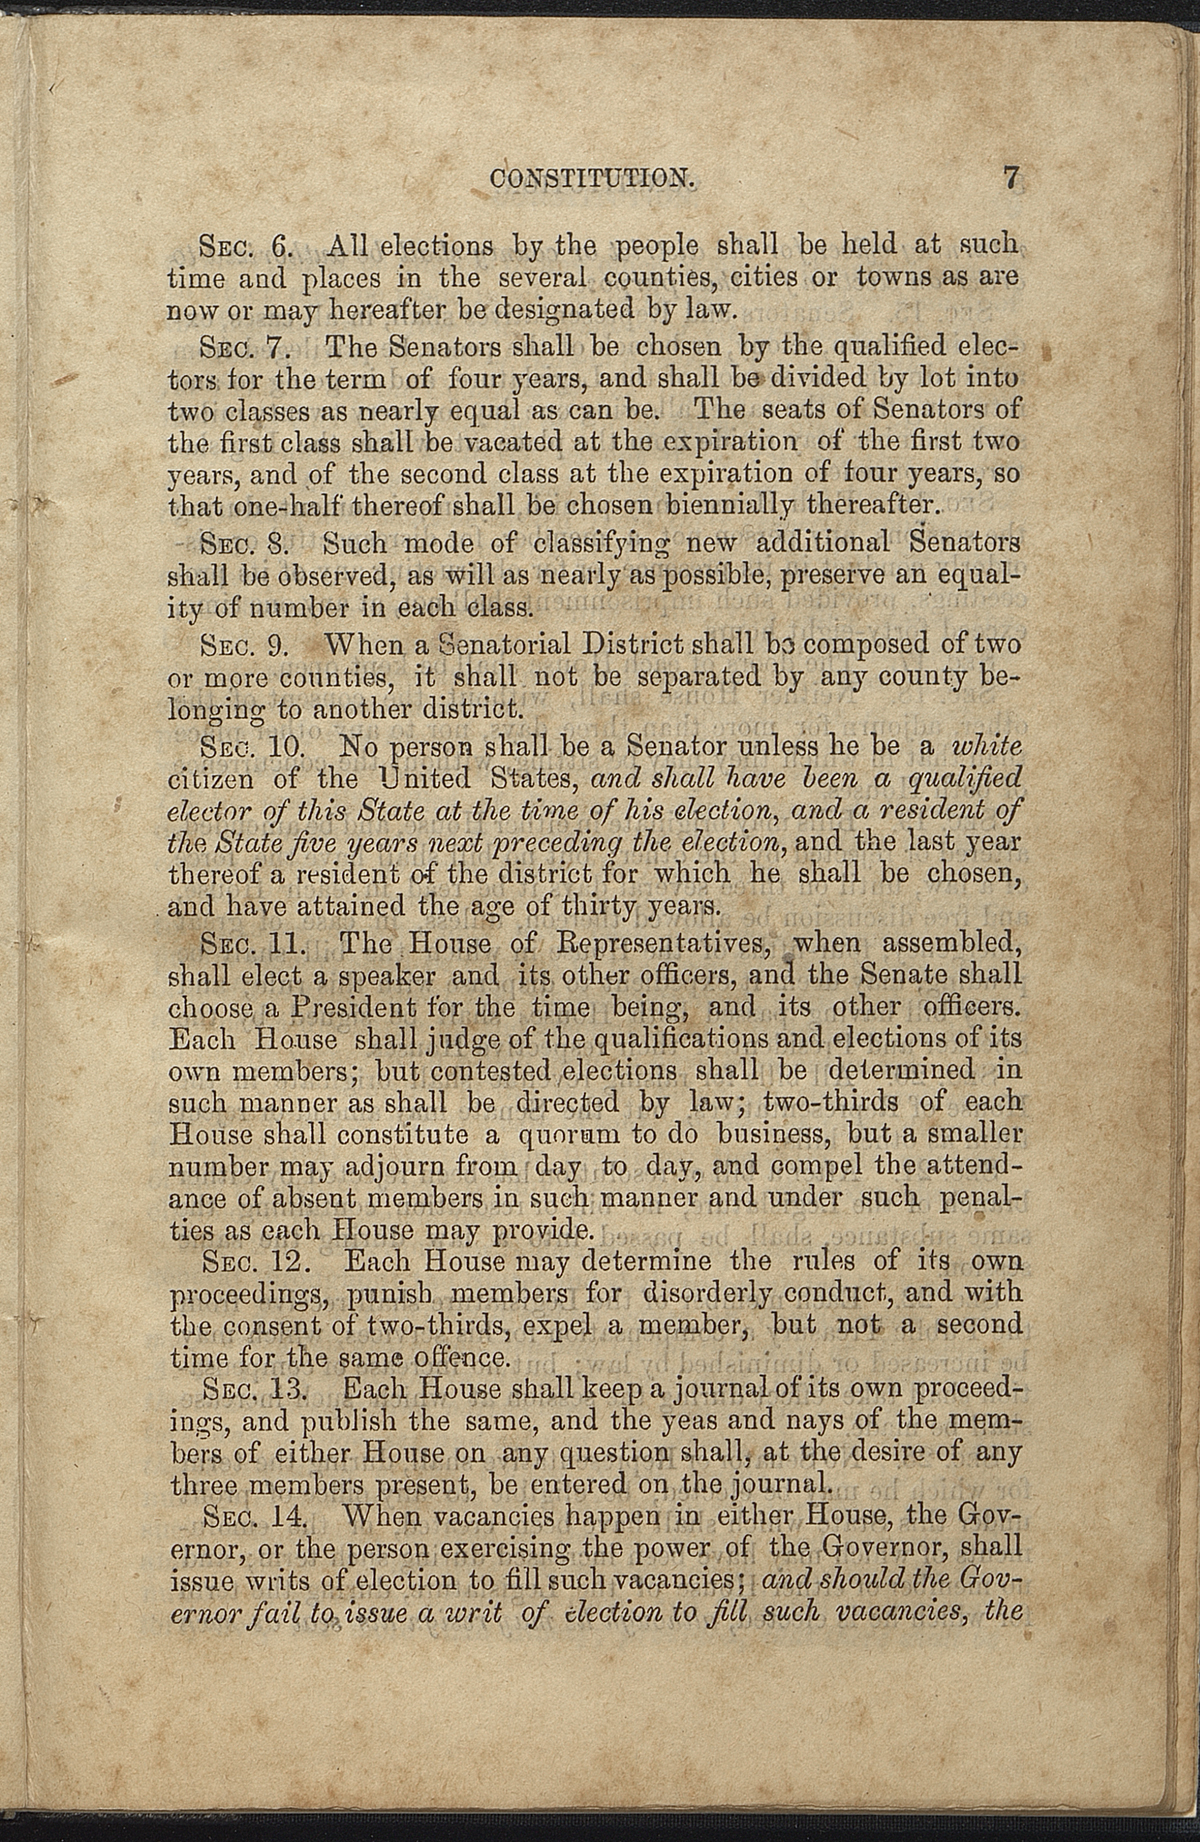 Article III, Sections 6-14